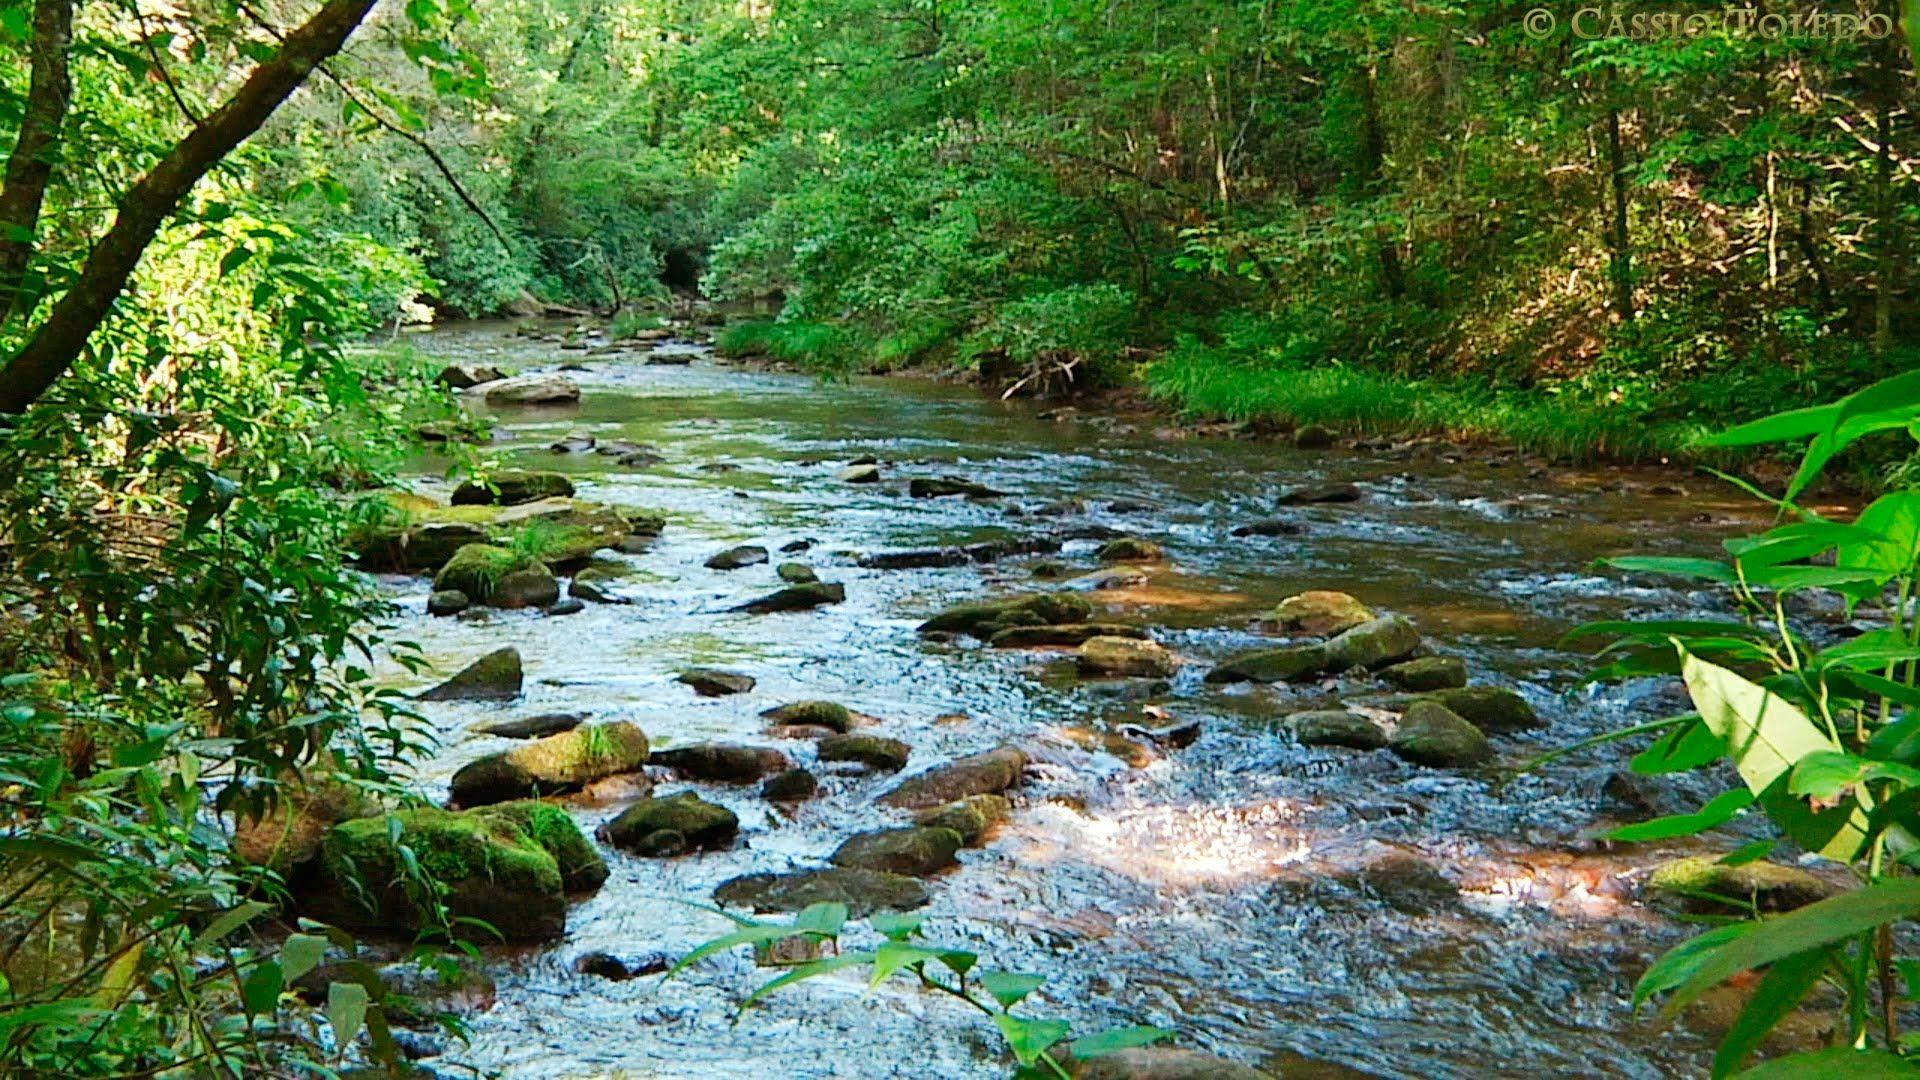 Sonidos Del Bosque Relajarse Sonidos De La Naturaleza Naturaleza Fotos Naturaleza Paisaje Relajantes